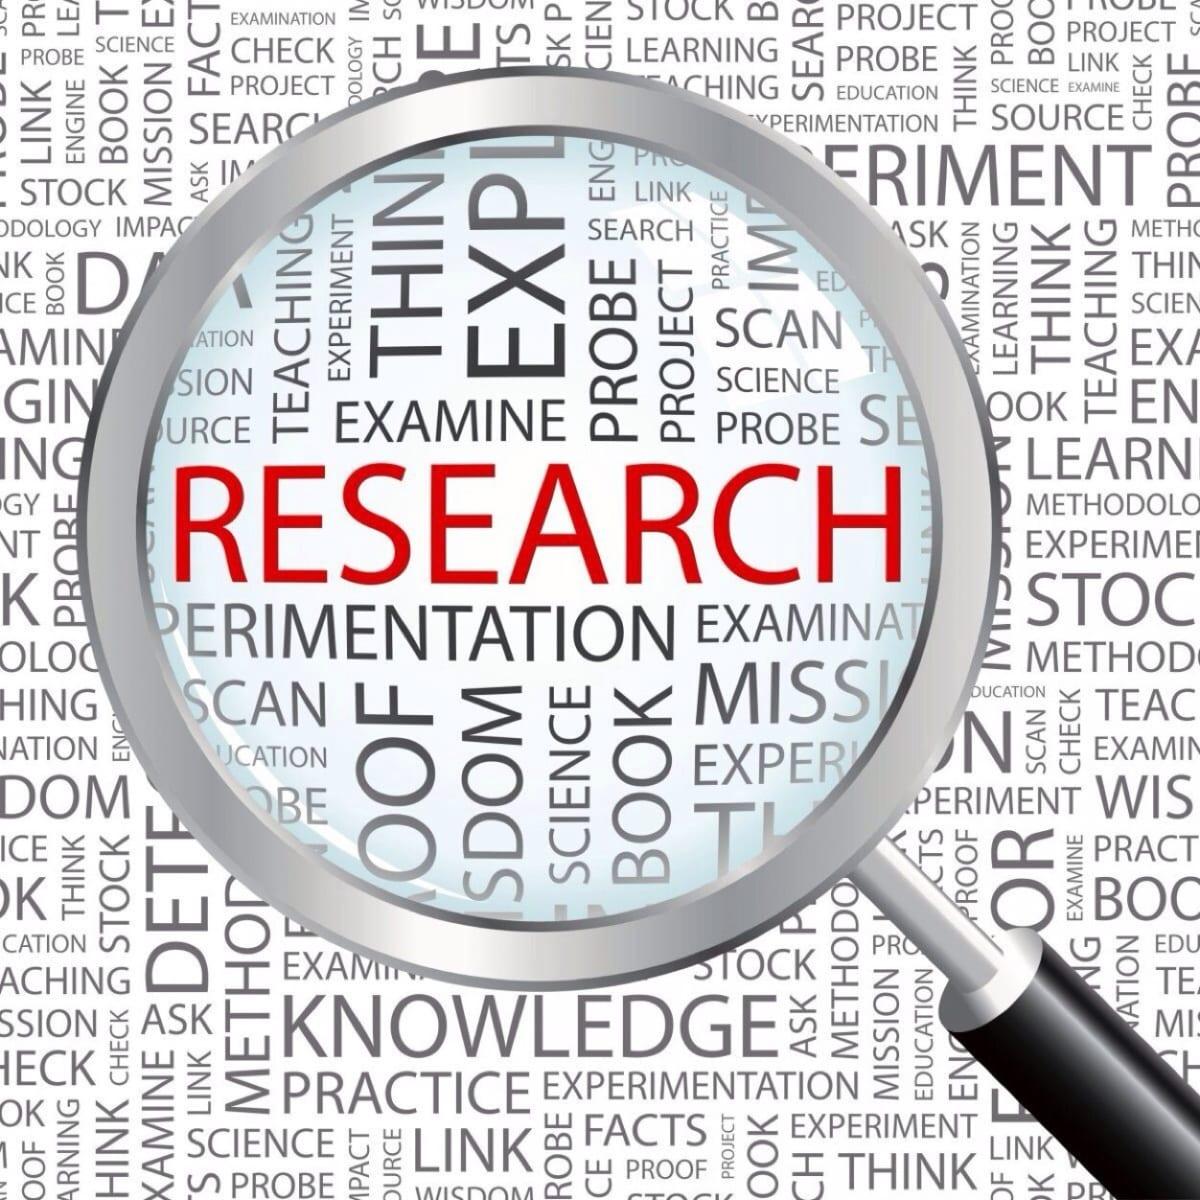 Kỹ năng tự phát triển về nghiên cứu theo chiều sâu để có các số liệu mới và quan trọng nhất trong chiến lược truyền thông